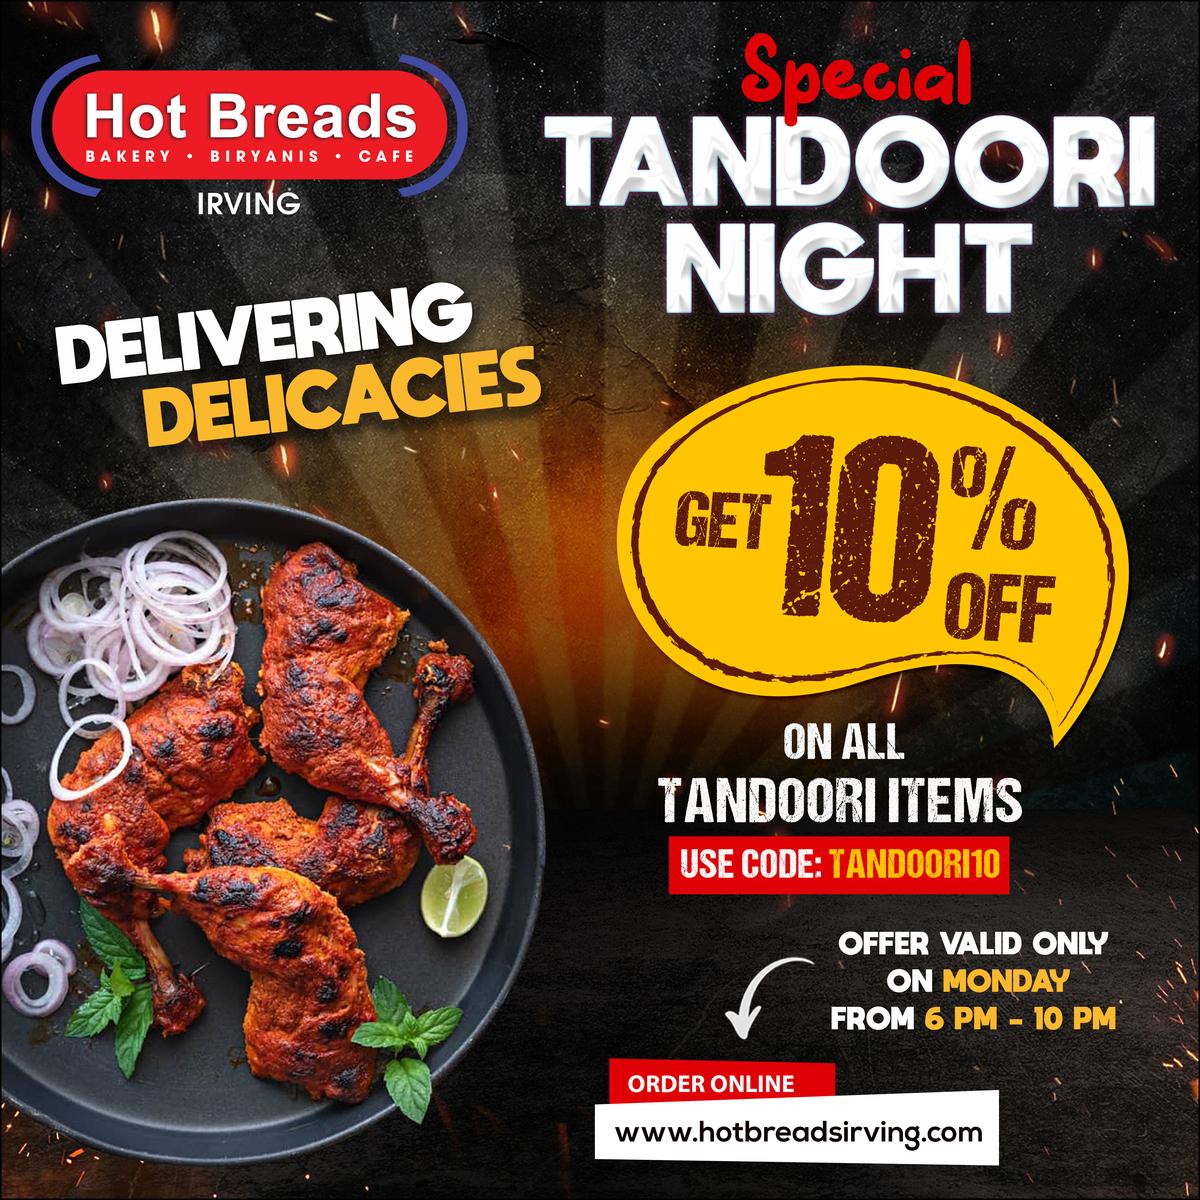 Special Tandoori Night